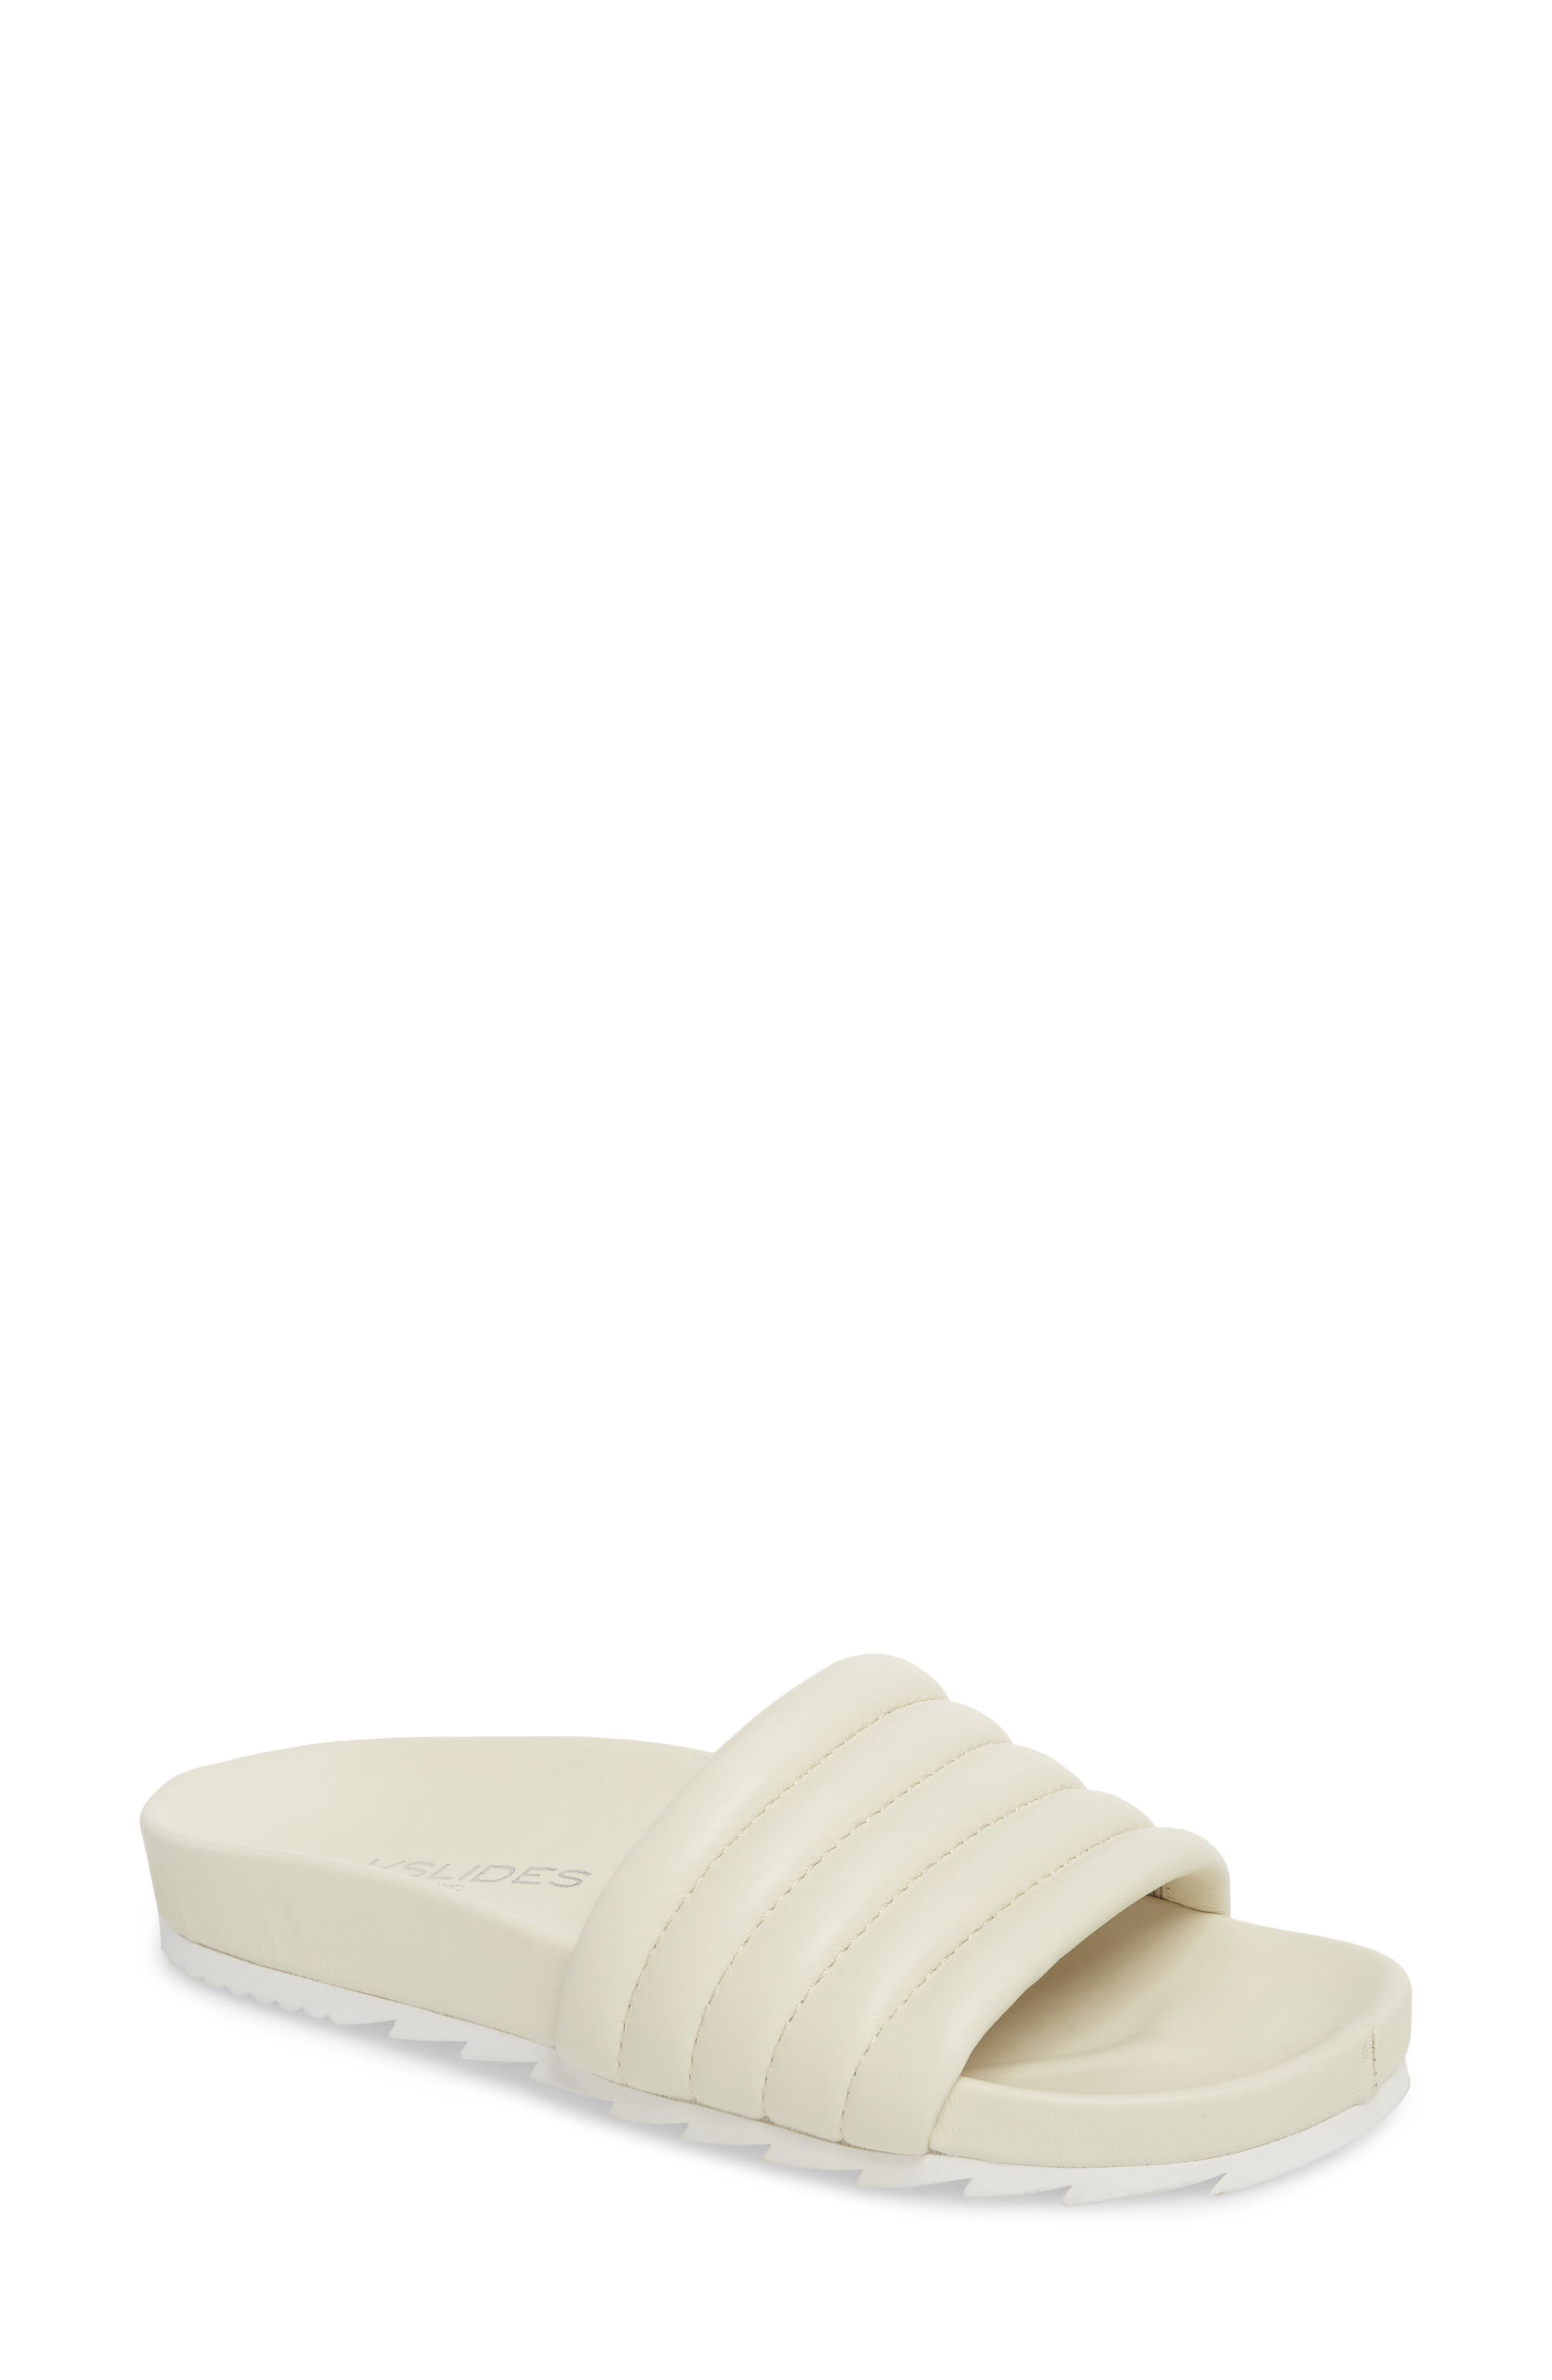 Jslides Eppie Slide Sandal- White